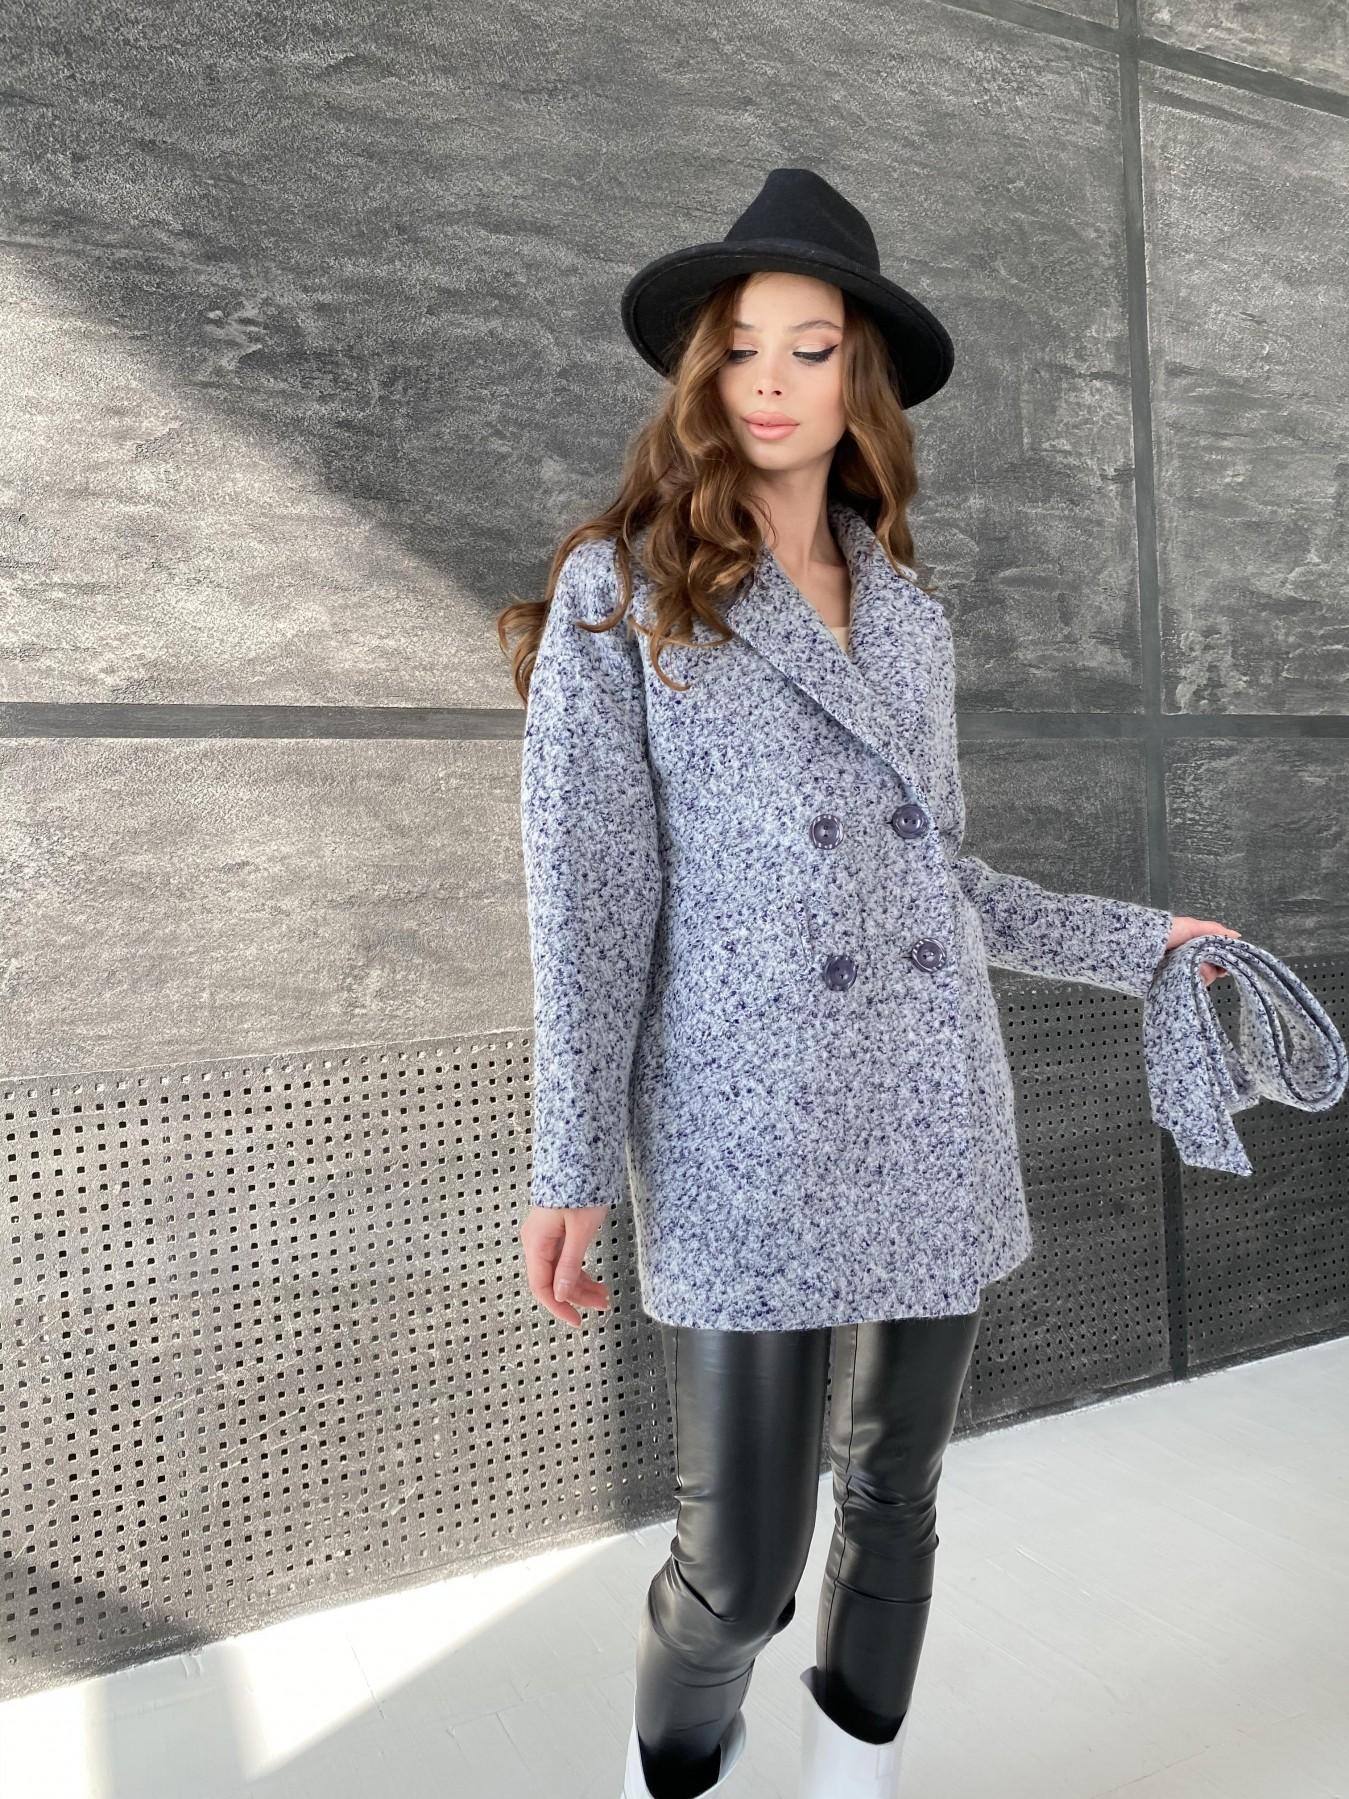 Бонд пальто из шерсти букле  10770 АРТ. 47199 Цвет: Серо-голубой 60 - фото 5, интернет магазин tm-modus.ru